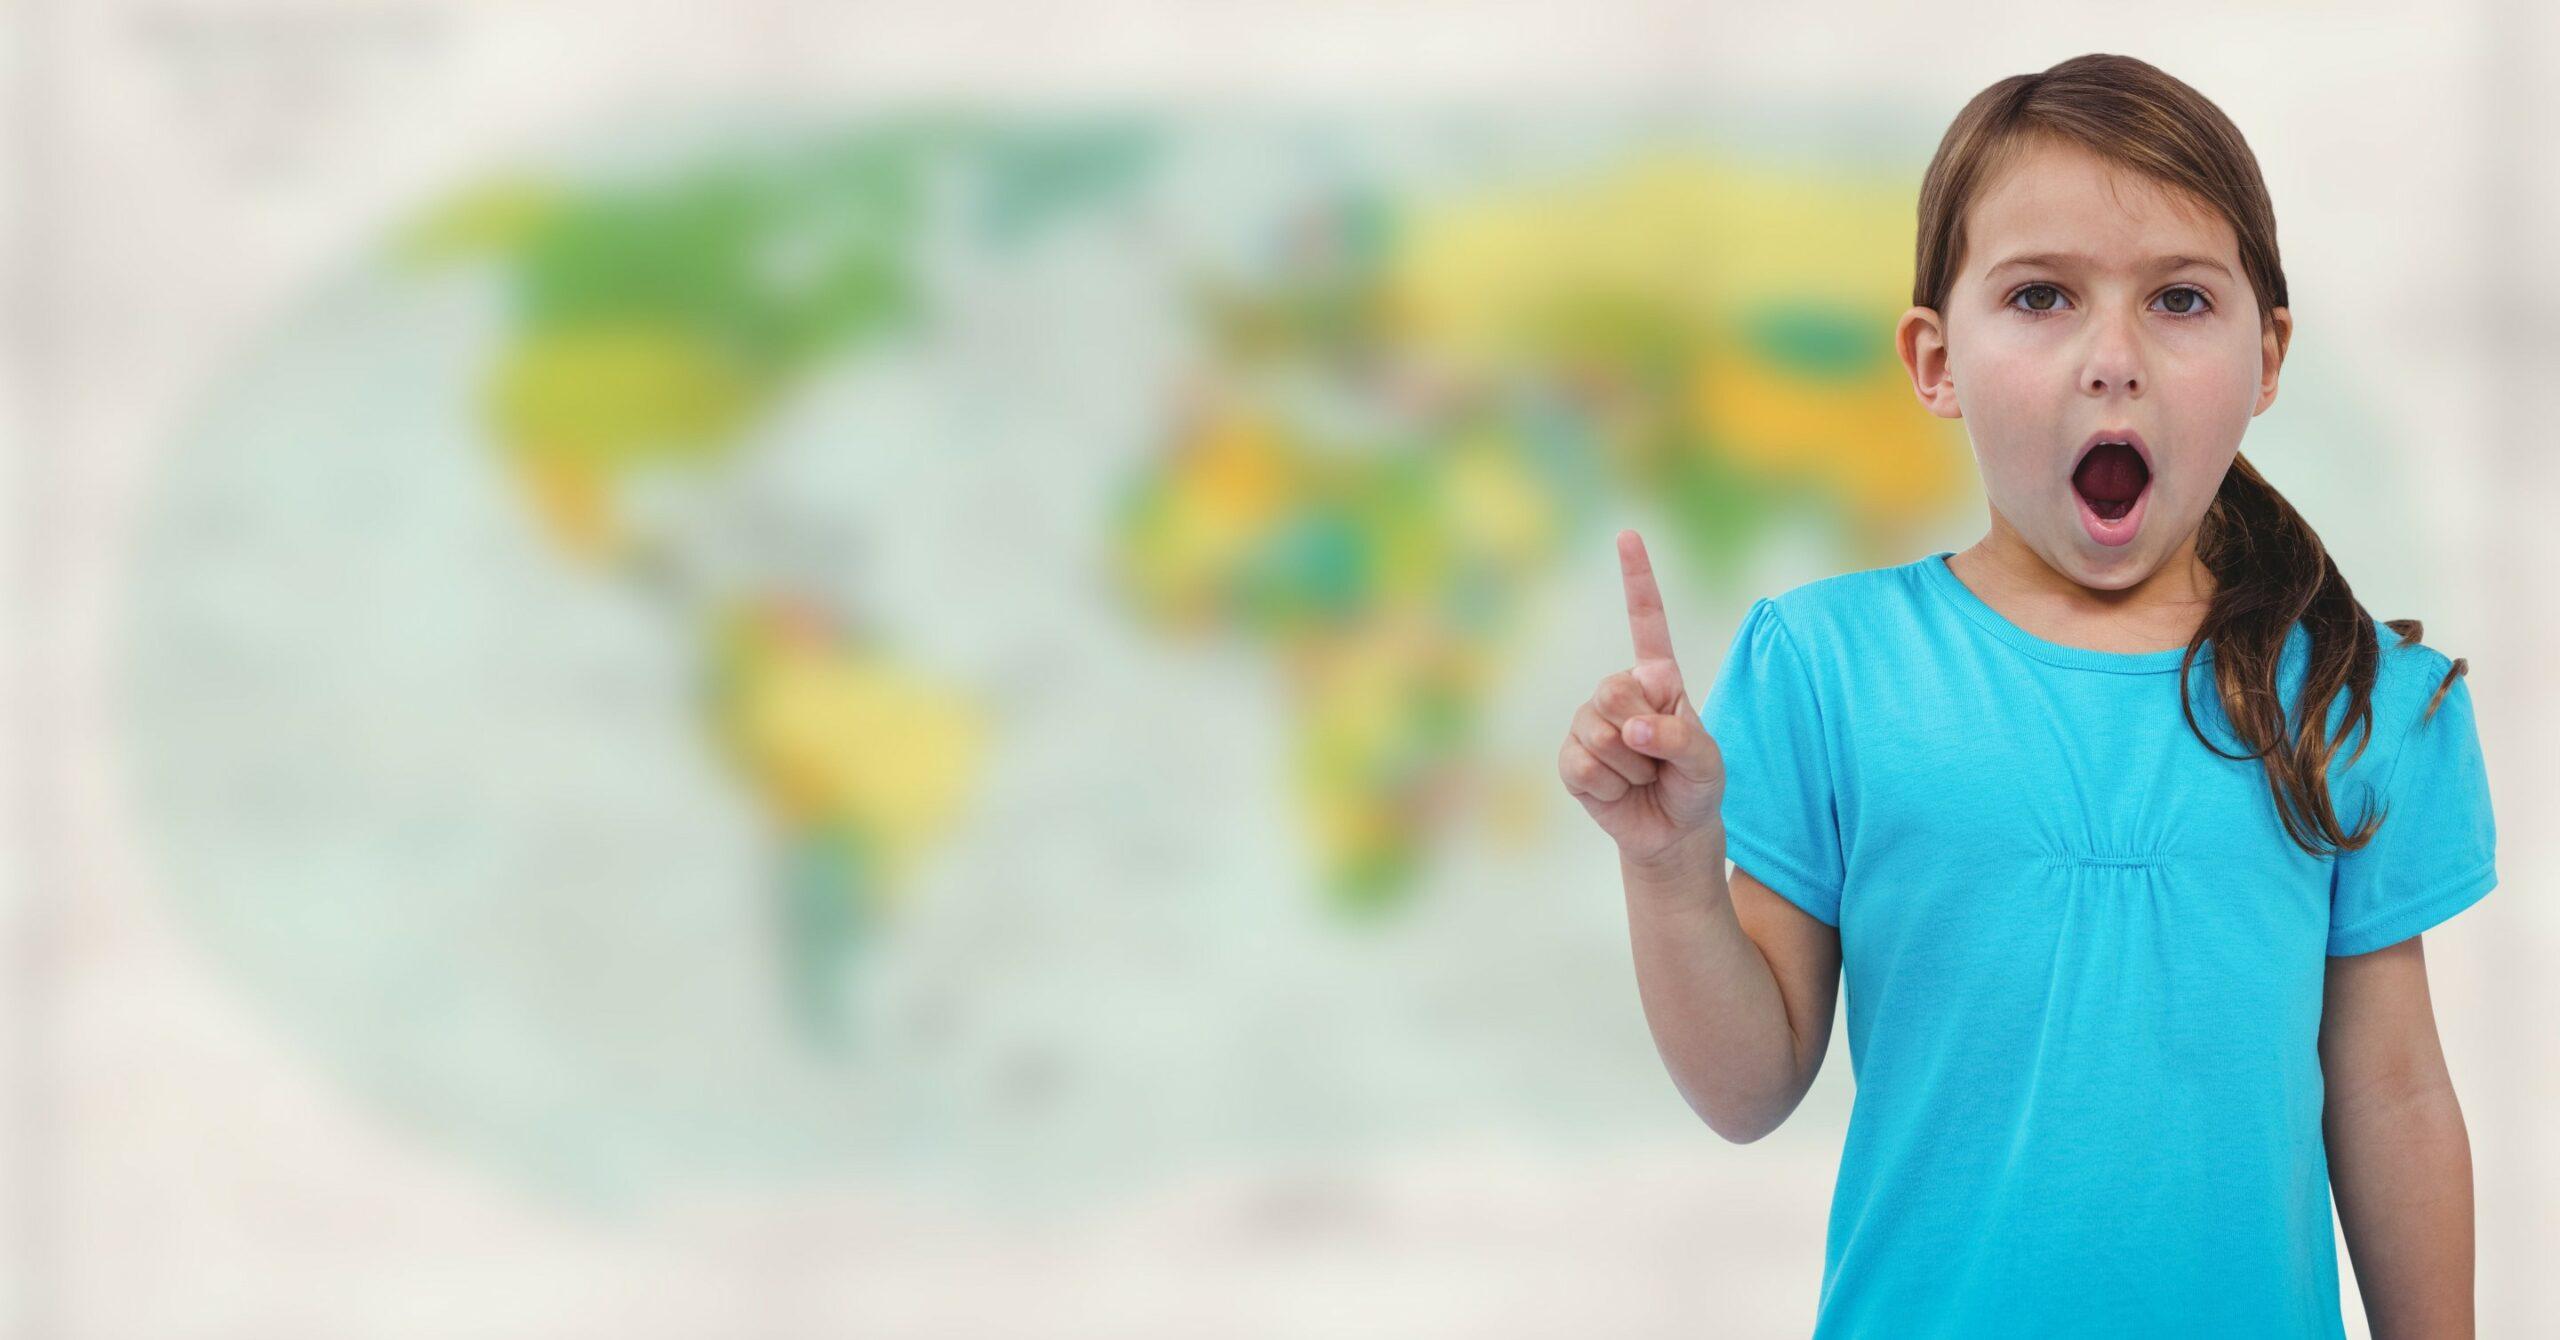 enfant devant une carte de géographie